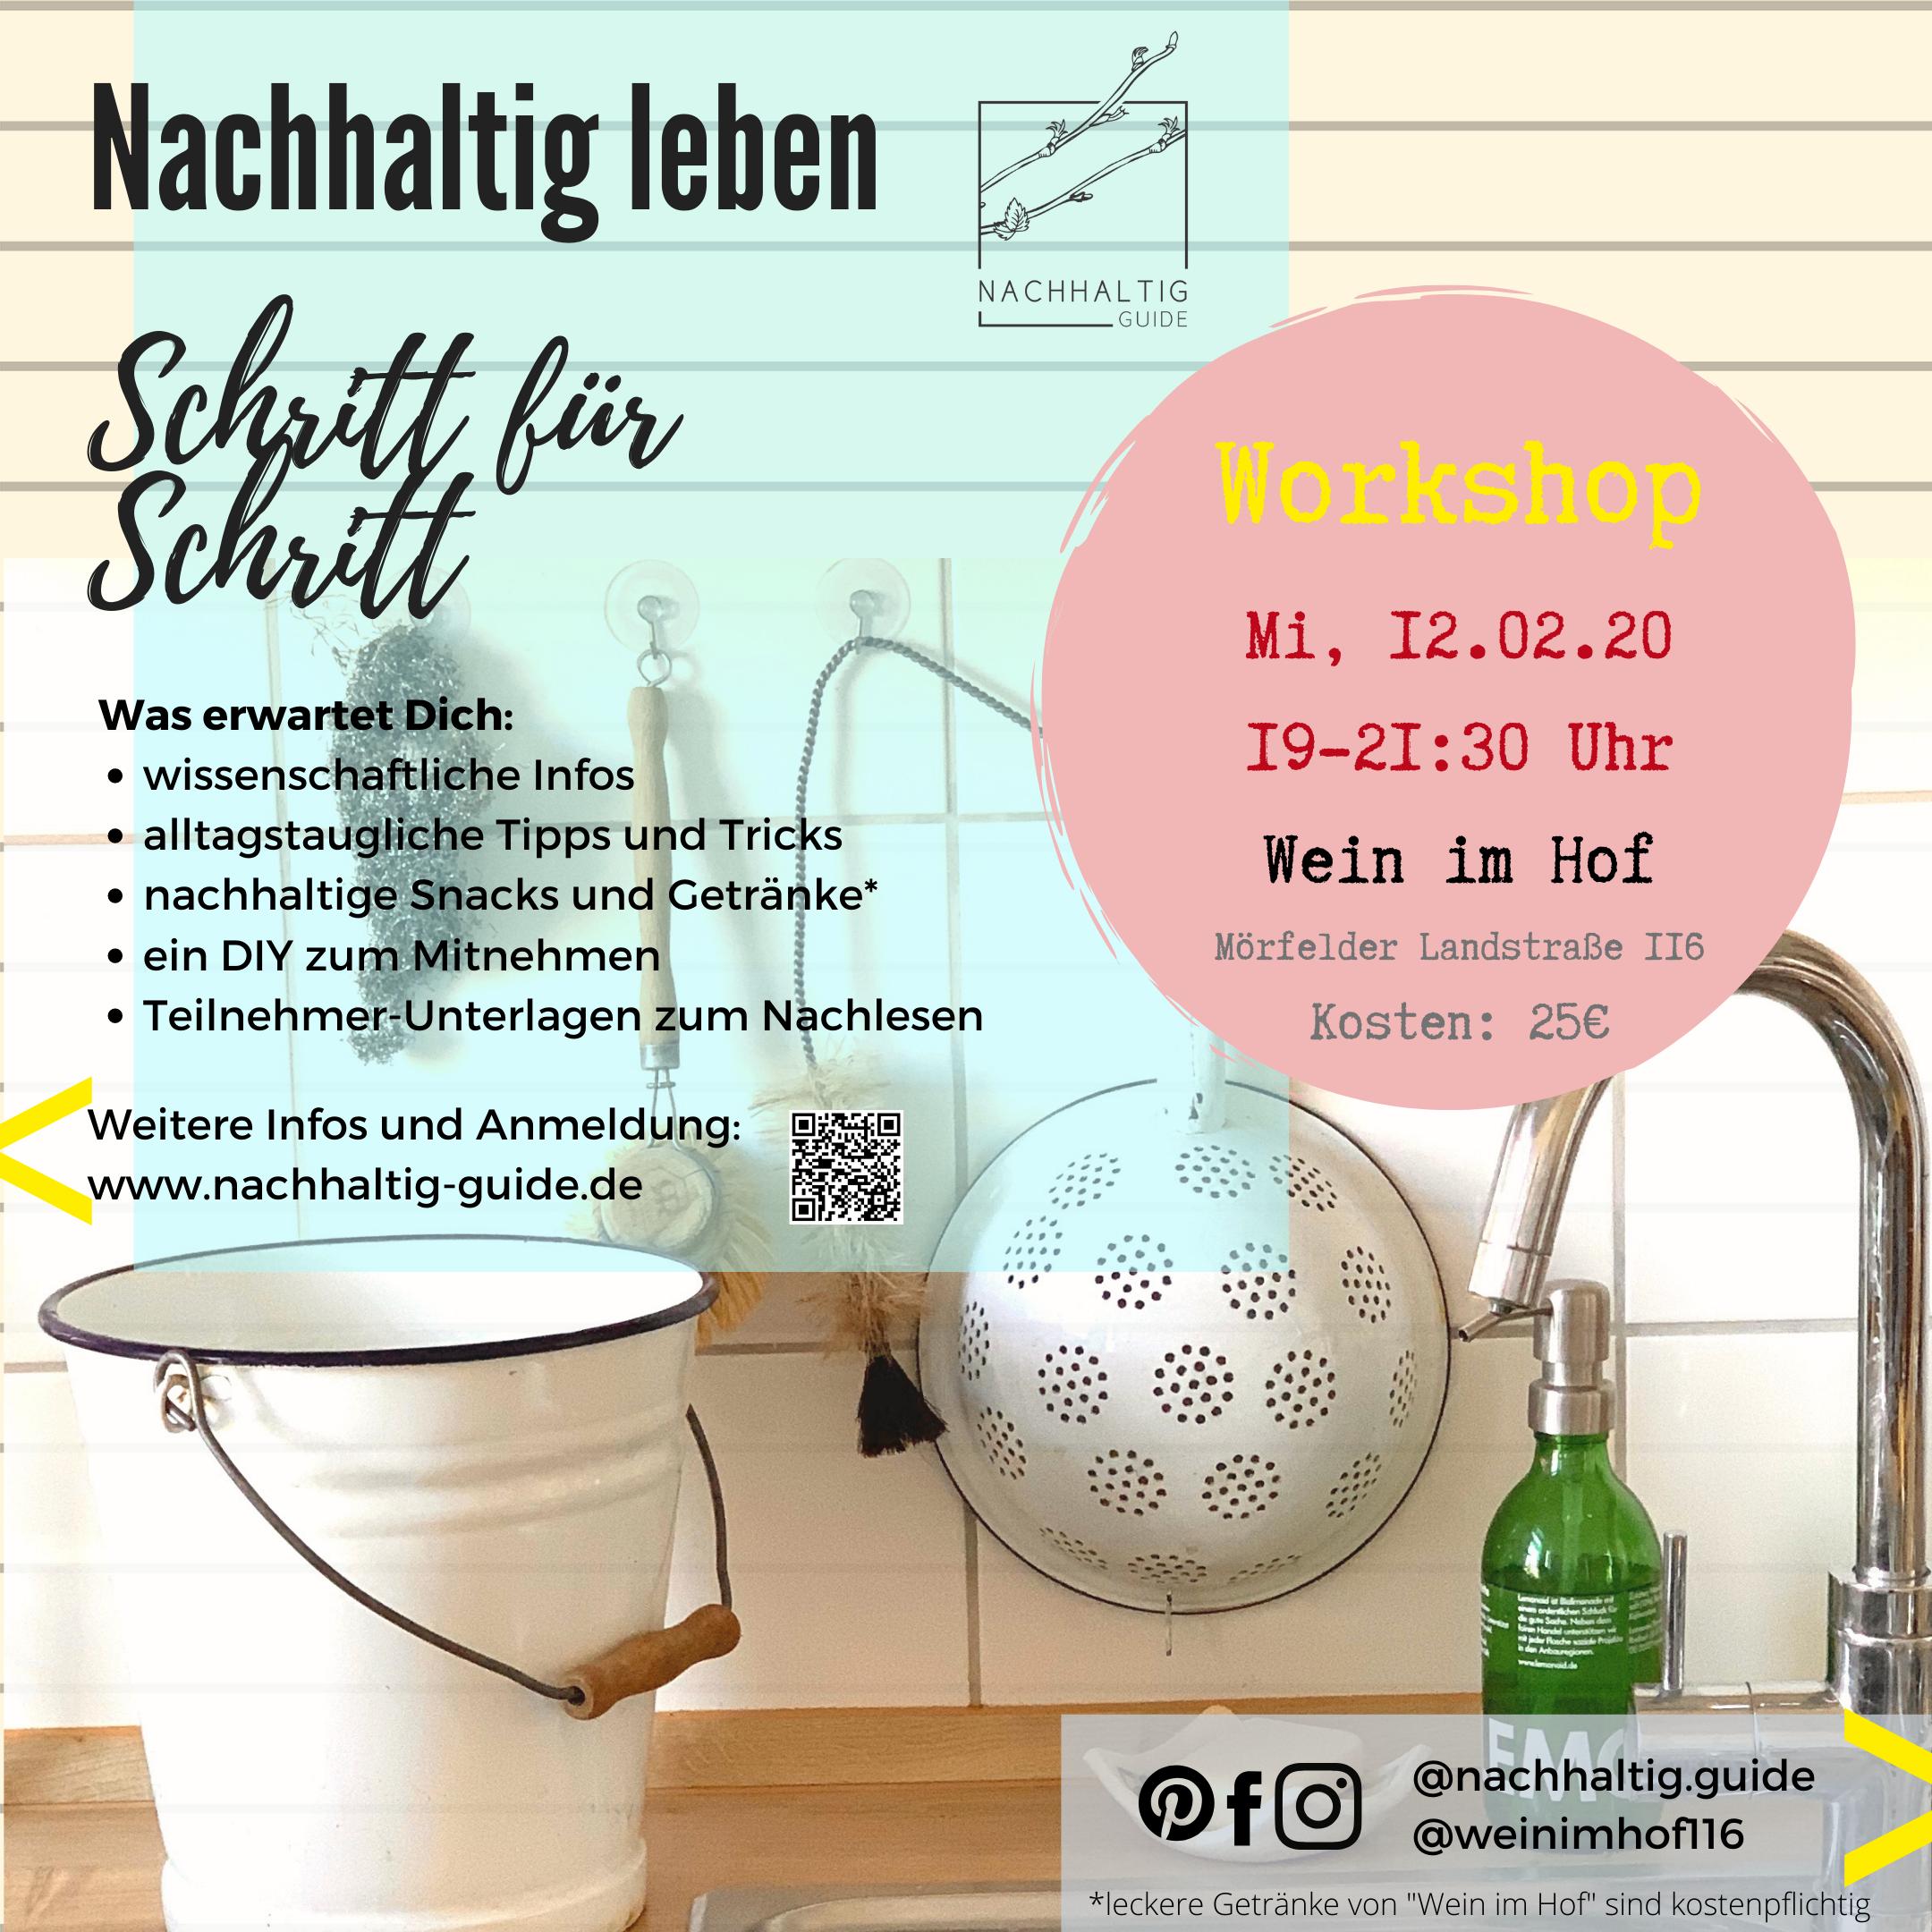 Starter-Workshop am Mittwoch, 12.02.2020, 19-21:30